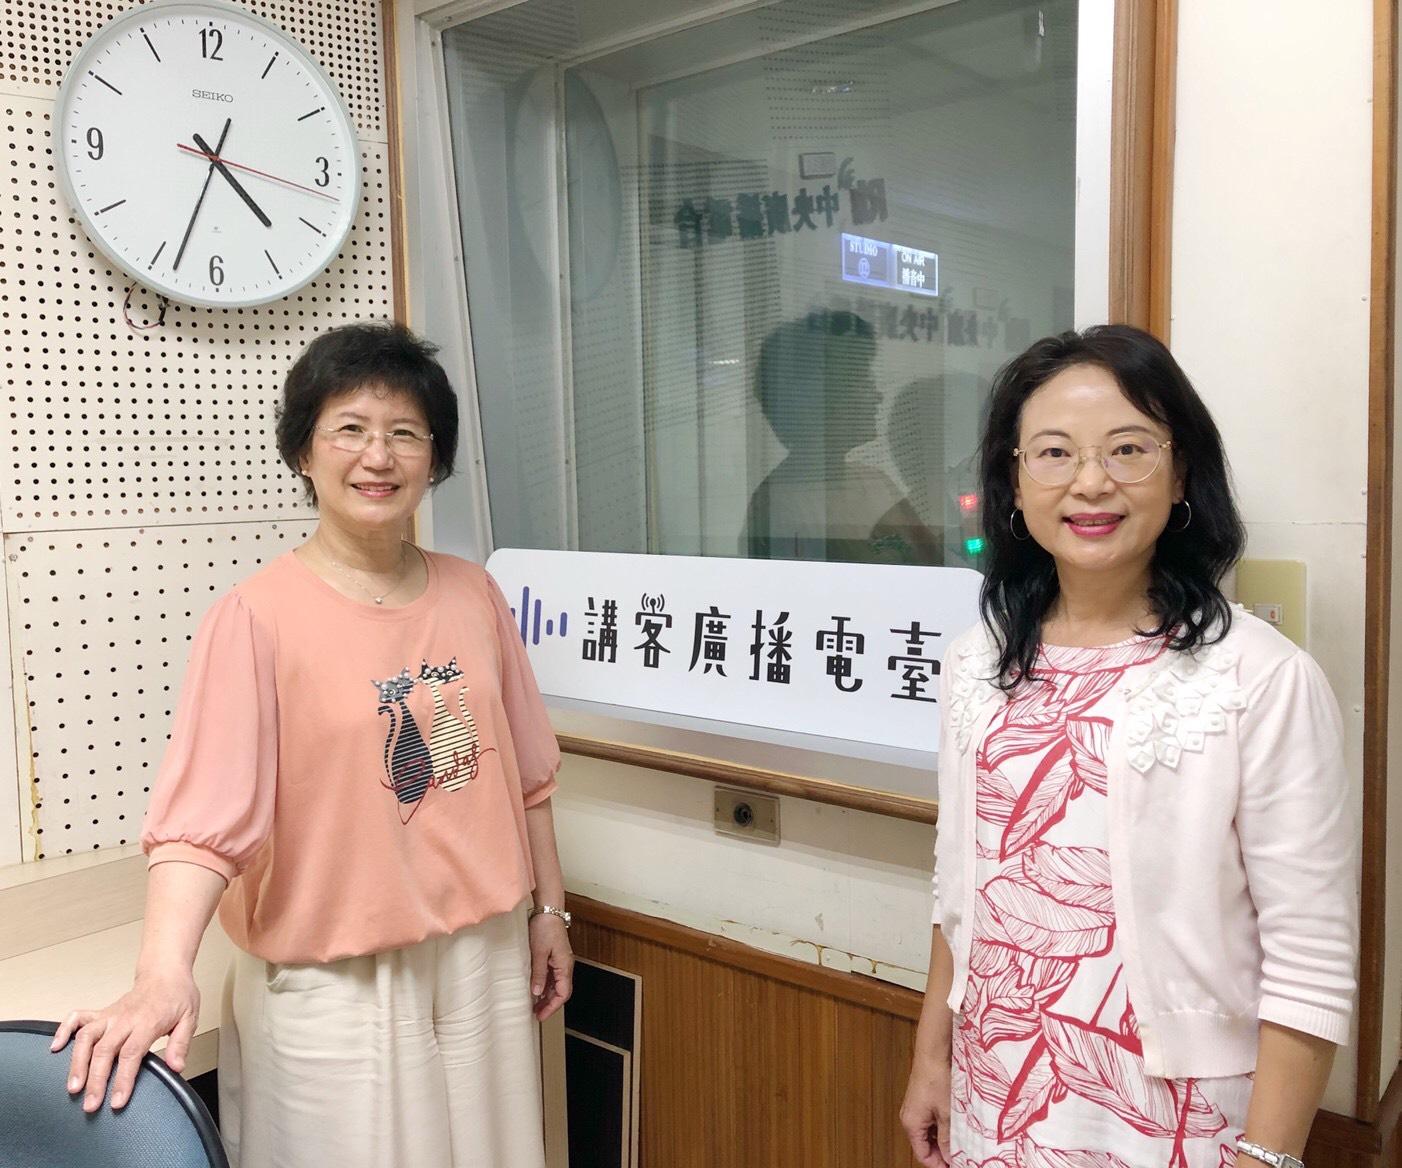 屏東六堆萬巒妹仔李郁蕙博士,分享媽媽的智慧及養兒育女的經驗